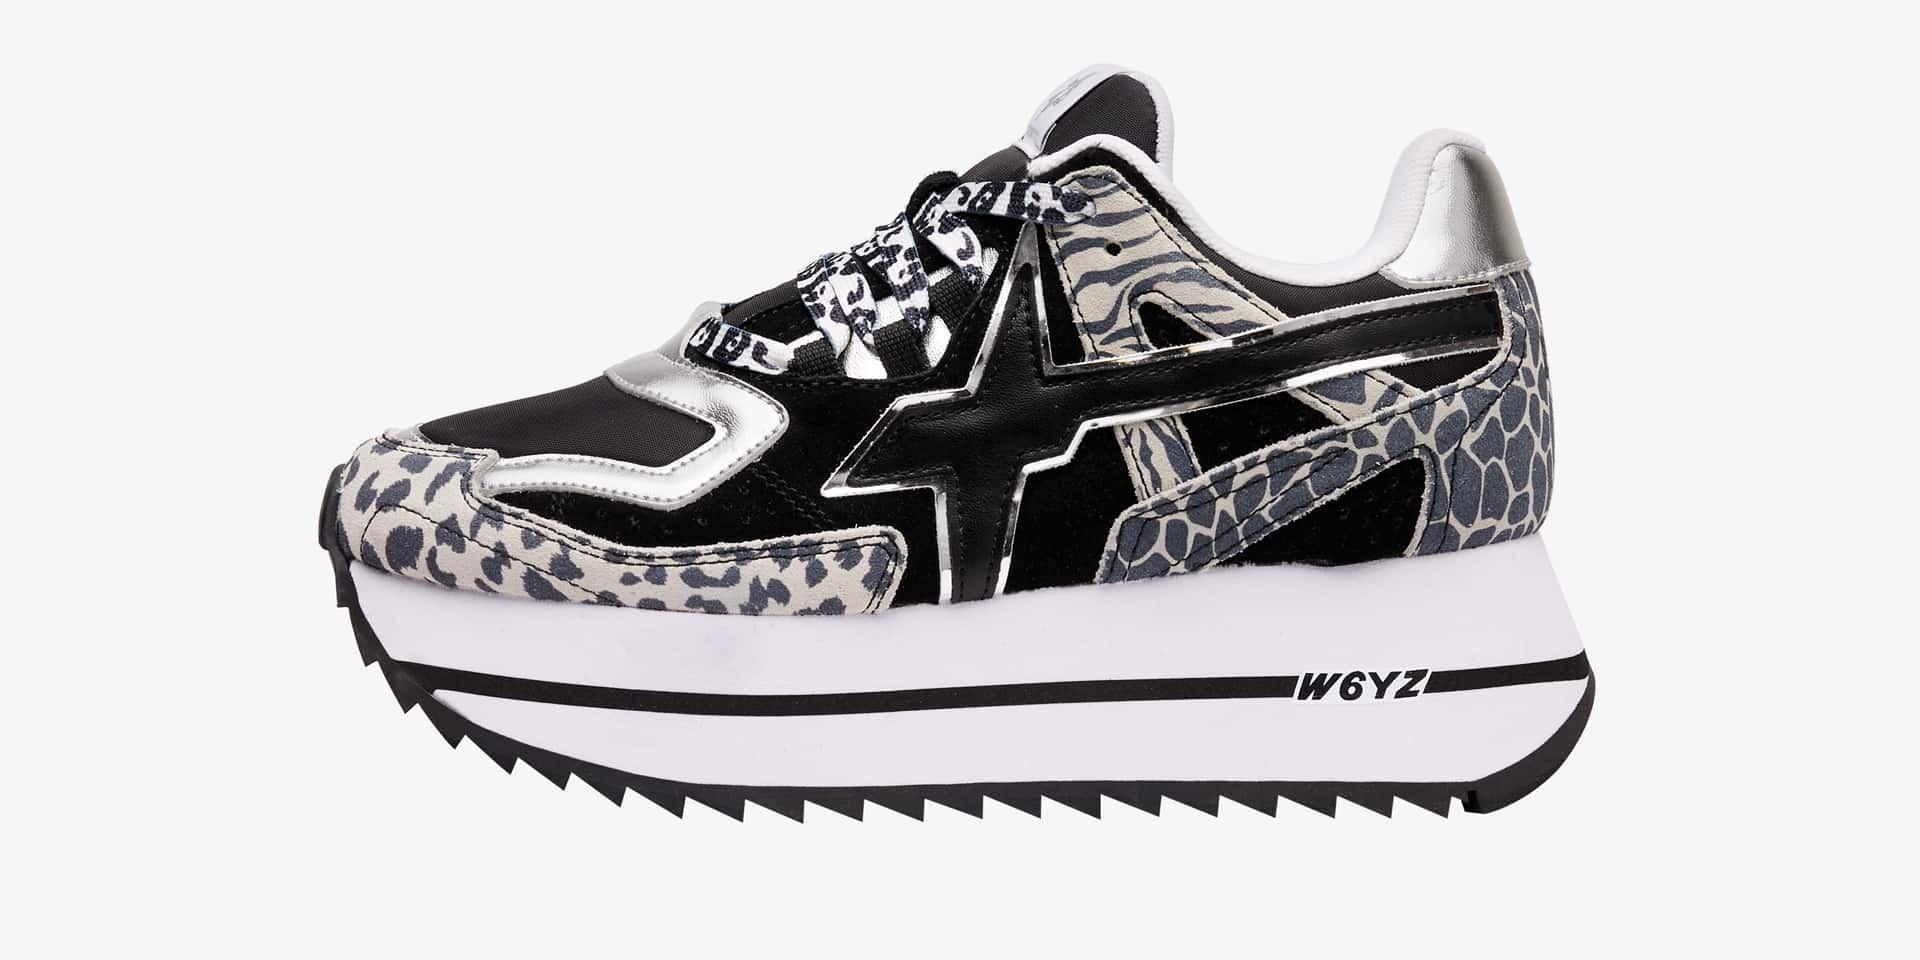 DEB-W. - Sneaker in tessuto tecnico e stampe animalier - Nero/Bianco